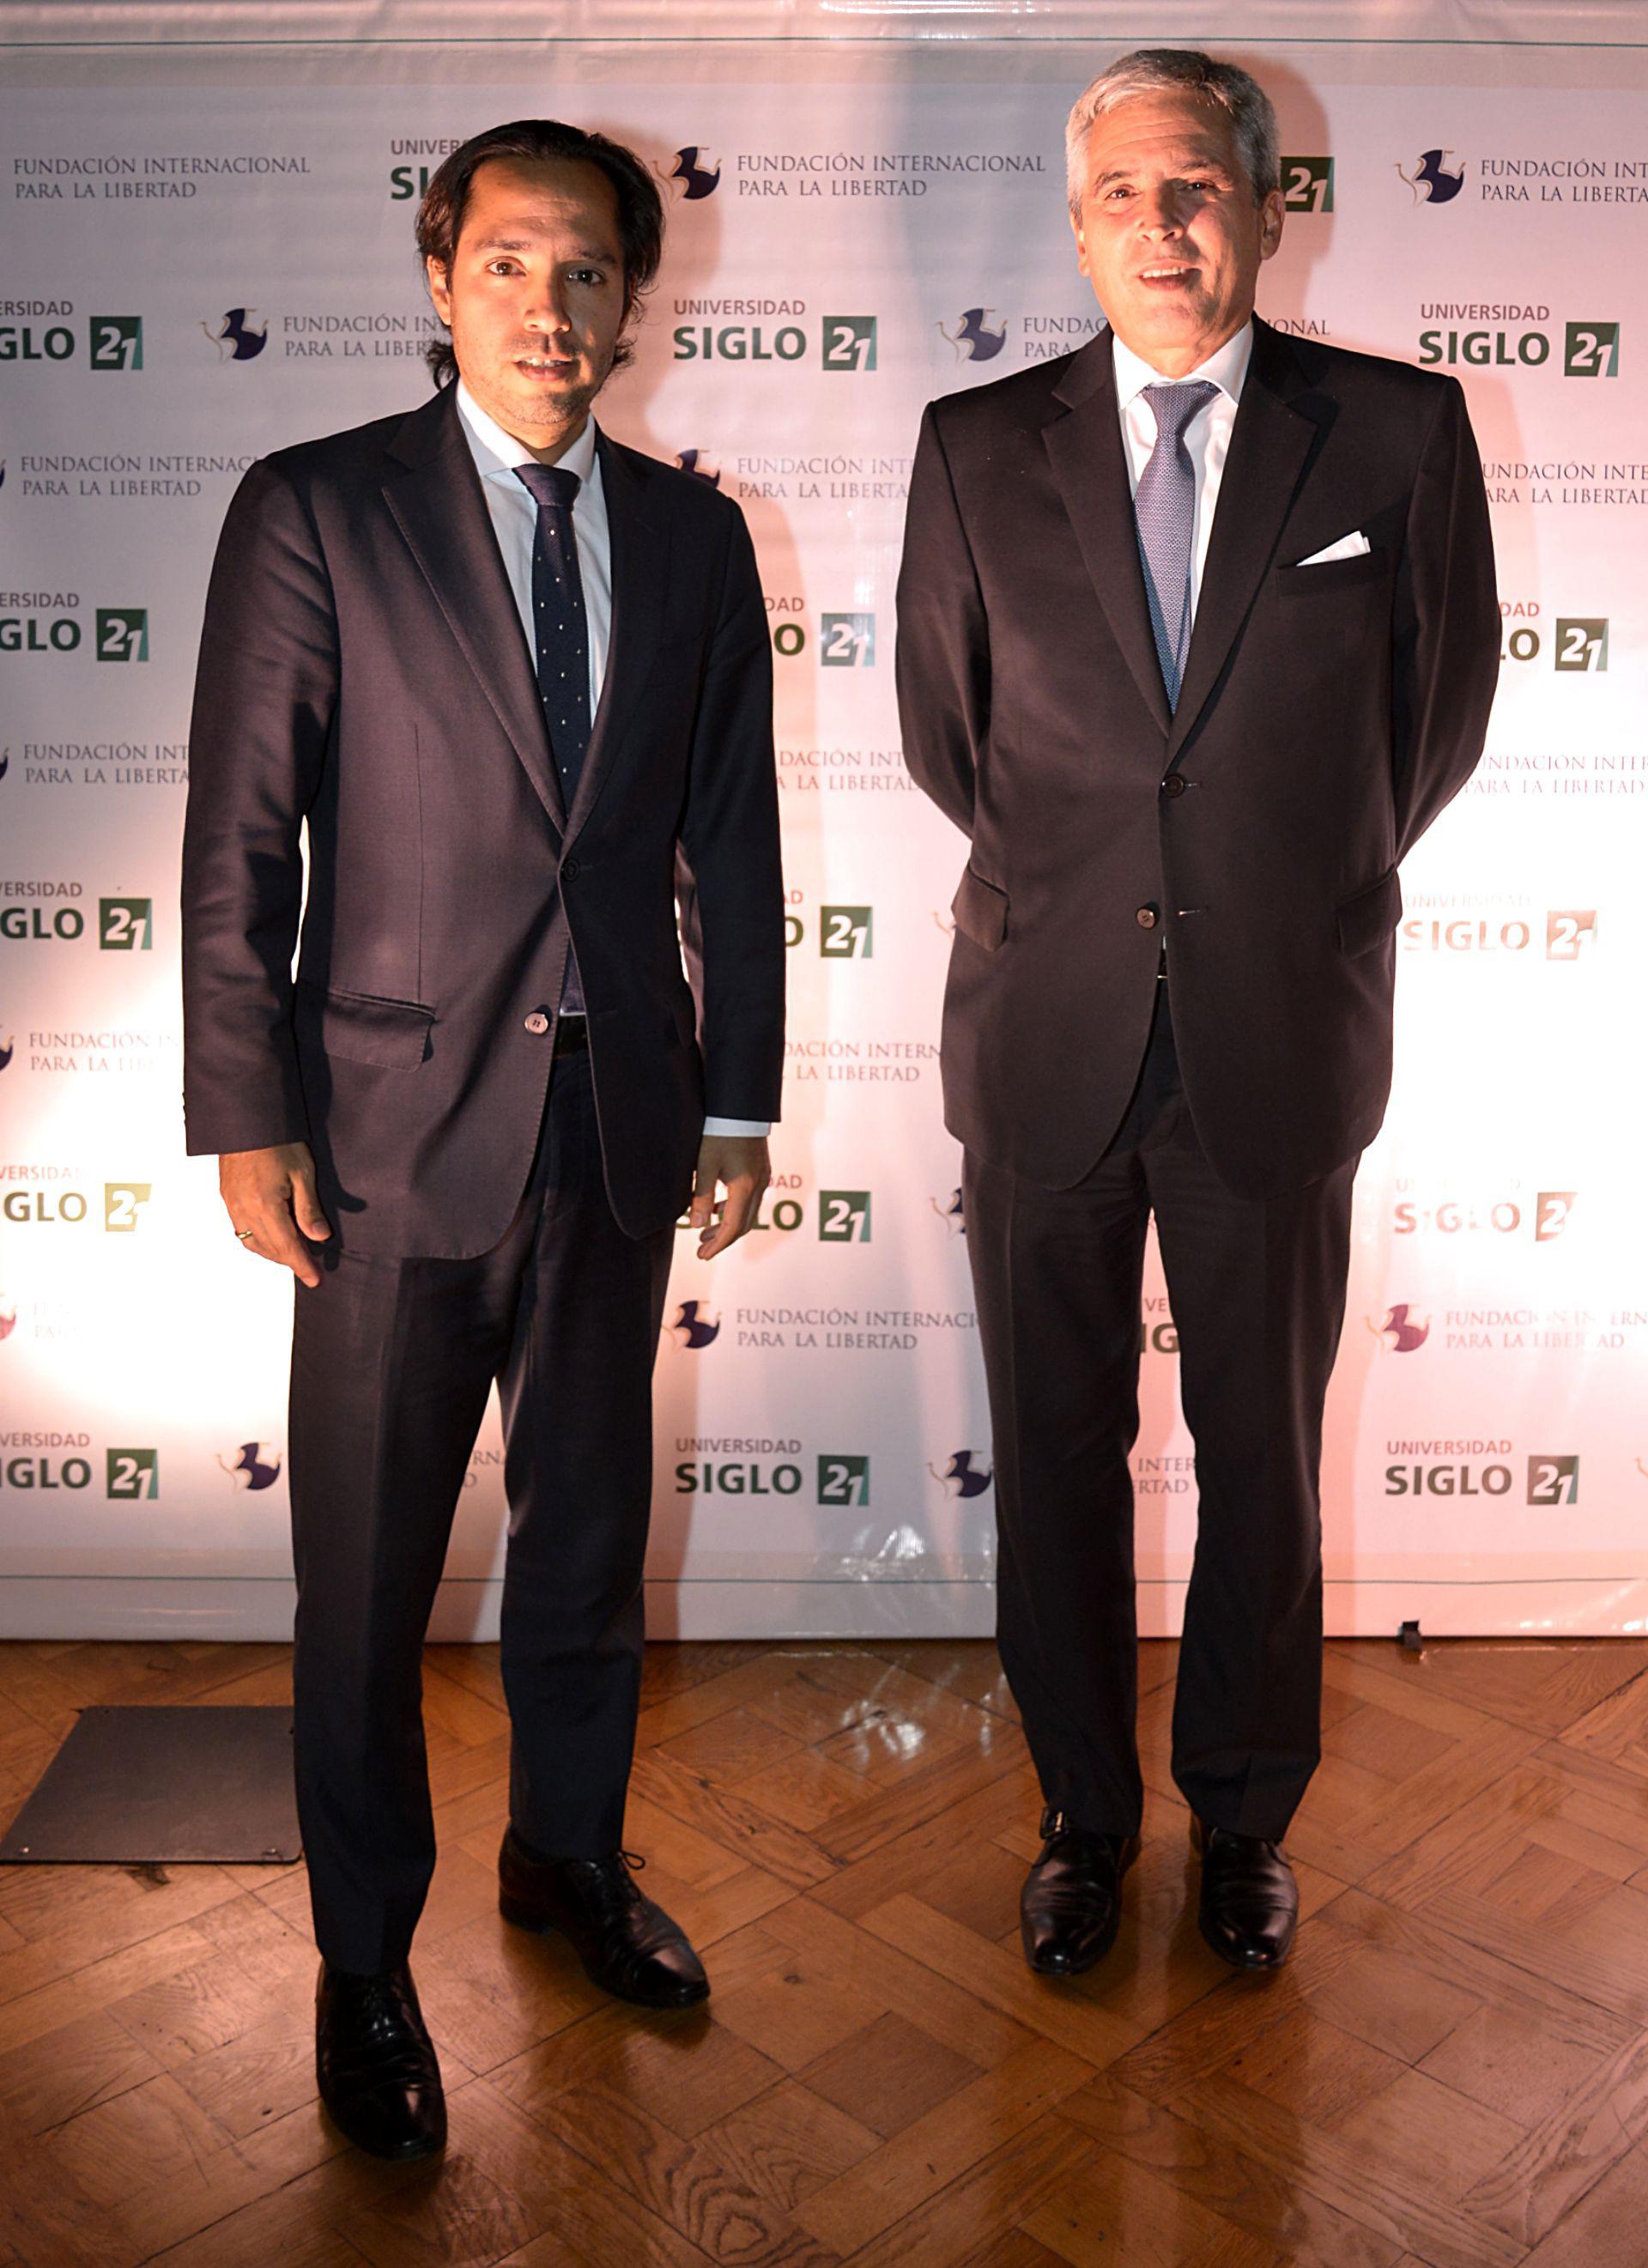 Cesar Talavera, Consejero Cultural de la embajada del Perú en la Argentina, y el embajador Peter Camino